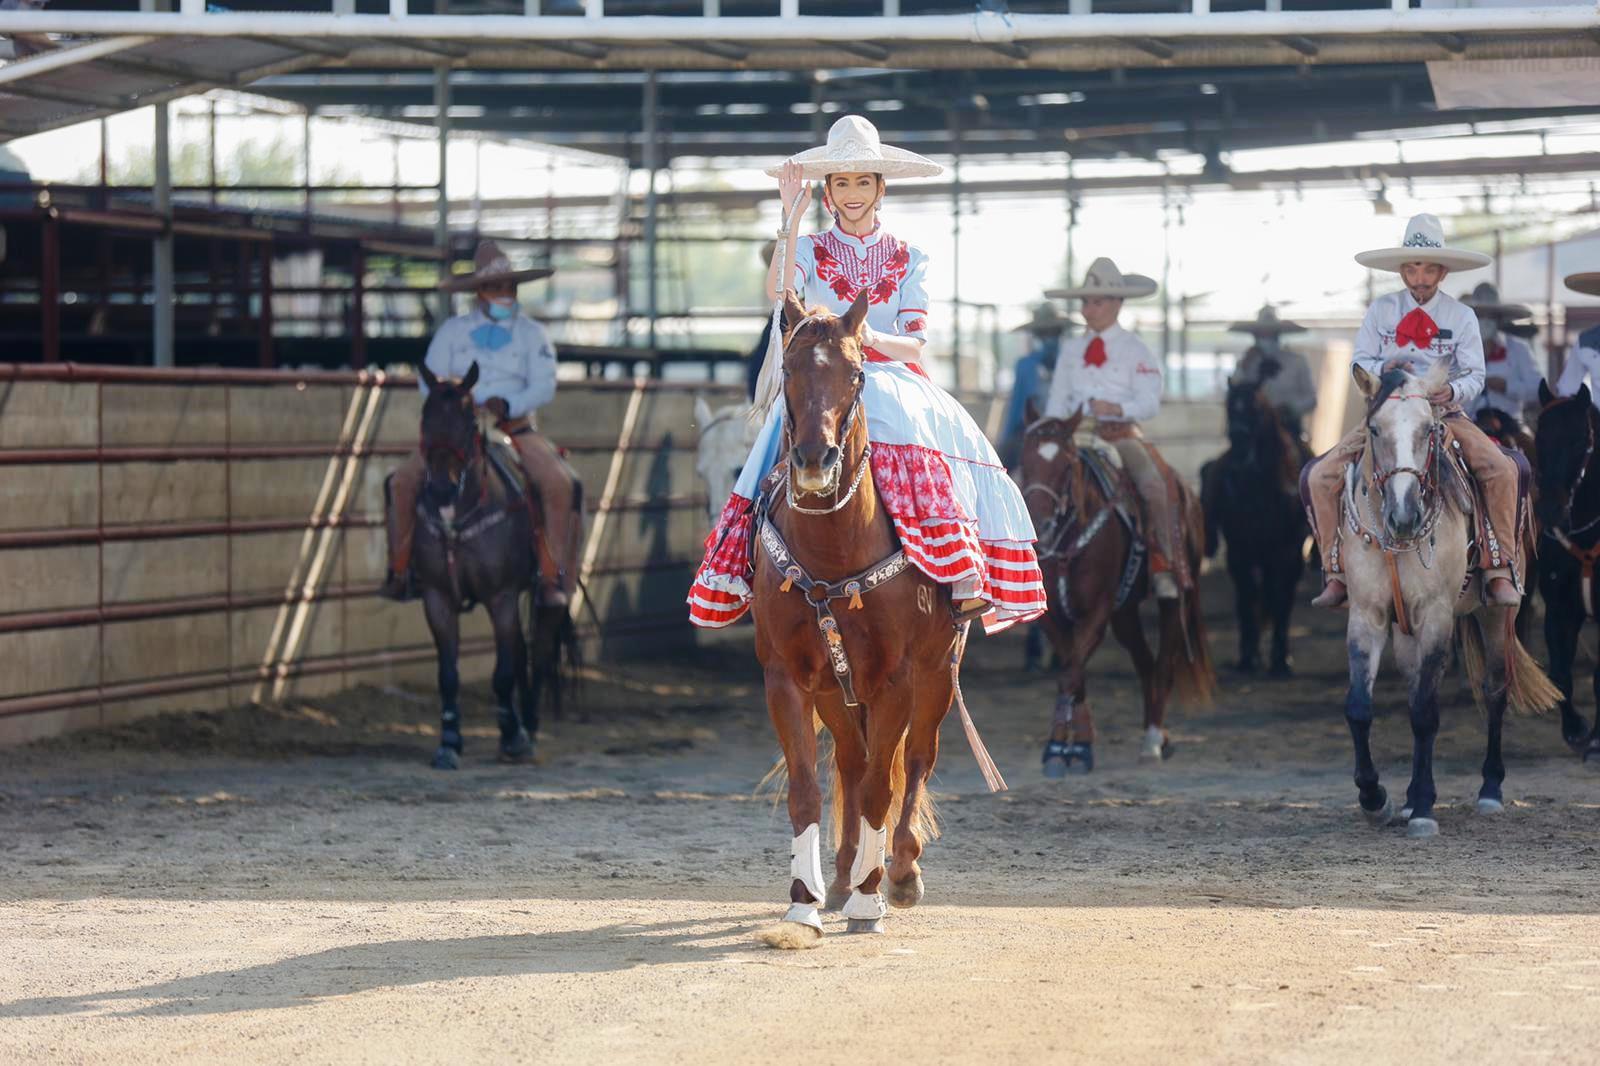 Importante la presencia de la mujer de a caballo en el campeonato más importante de la charrería en los Estados Unidos de América